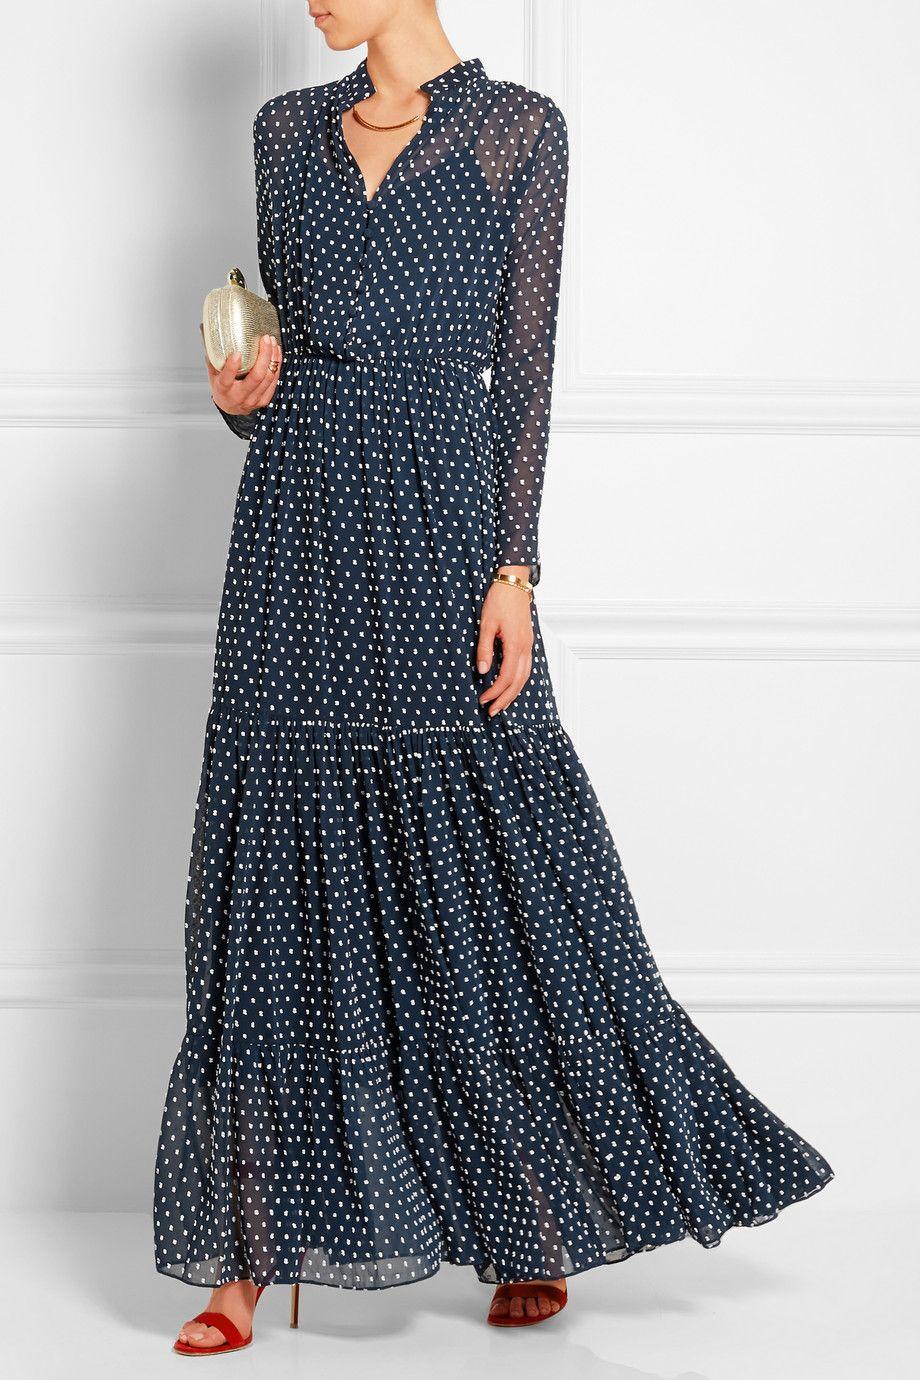 платье в горошек в стиле бохо фото